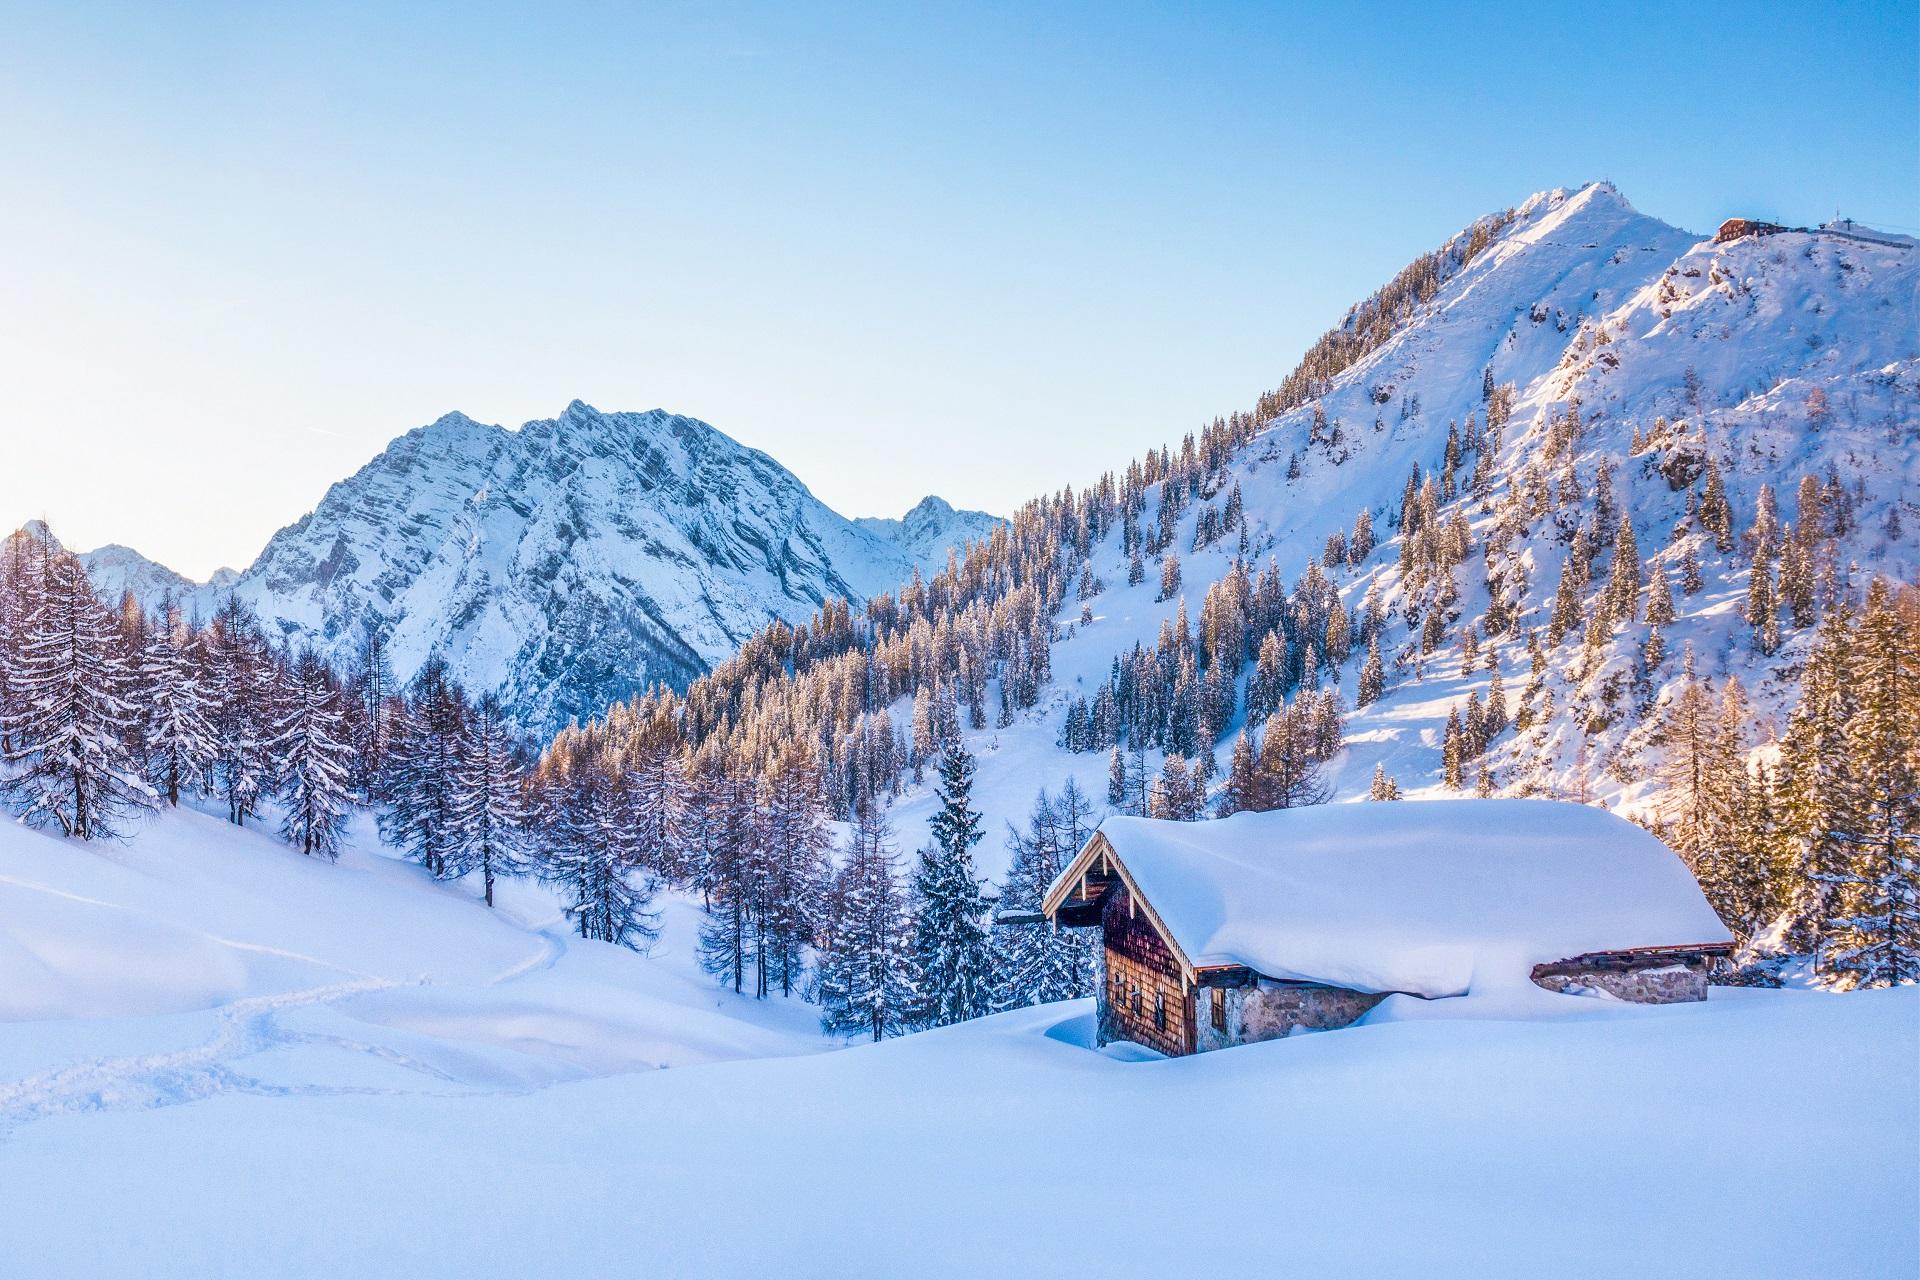 Eine schöne Berghütten im verschneiten Bayern bei Sonnenuntergang.